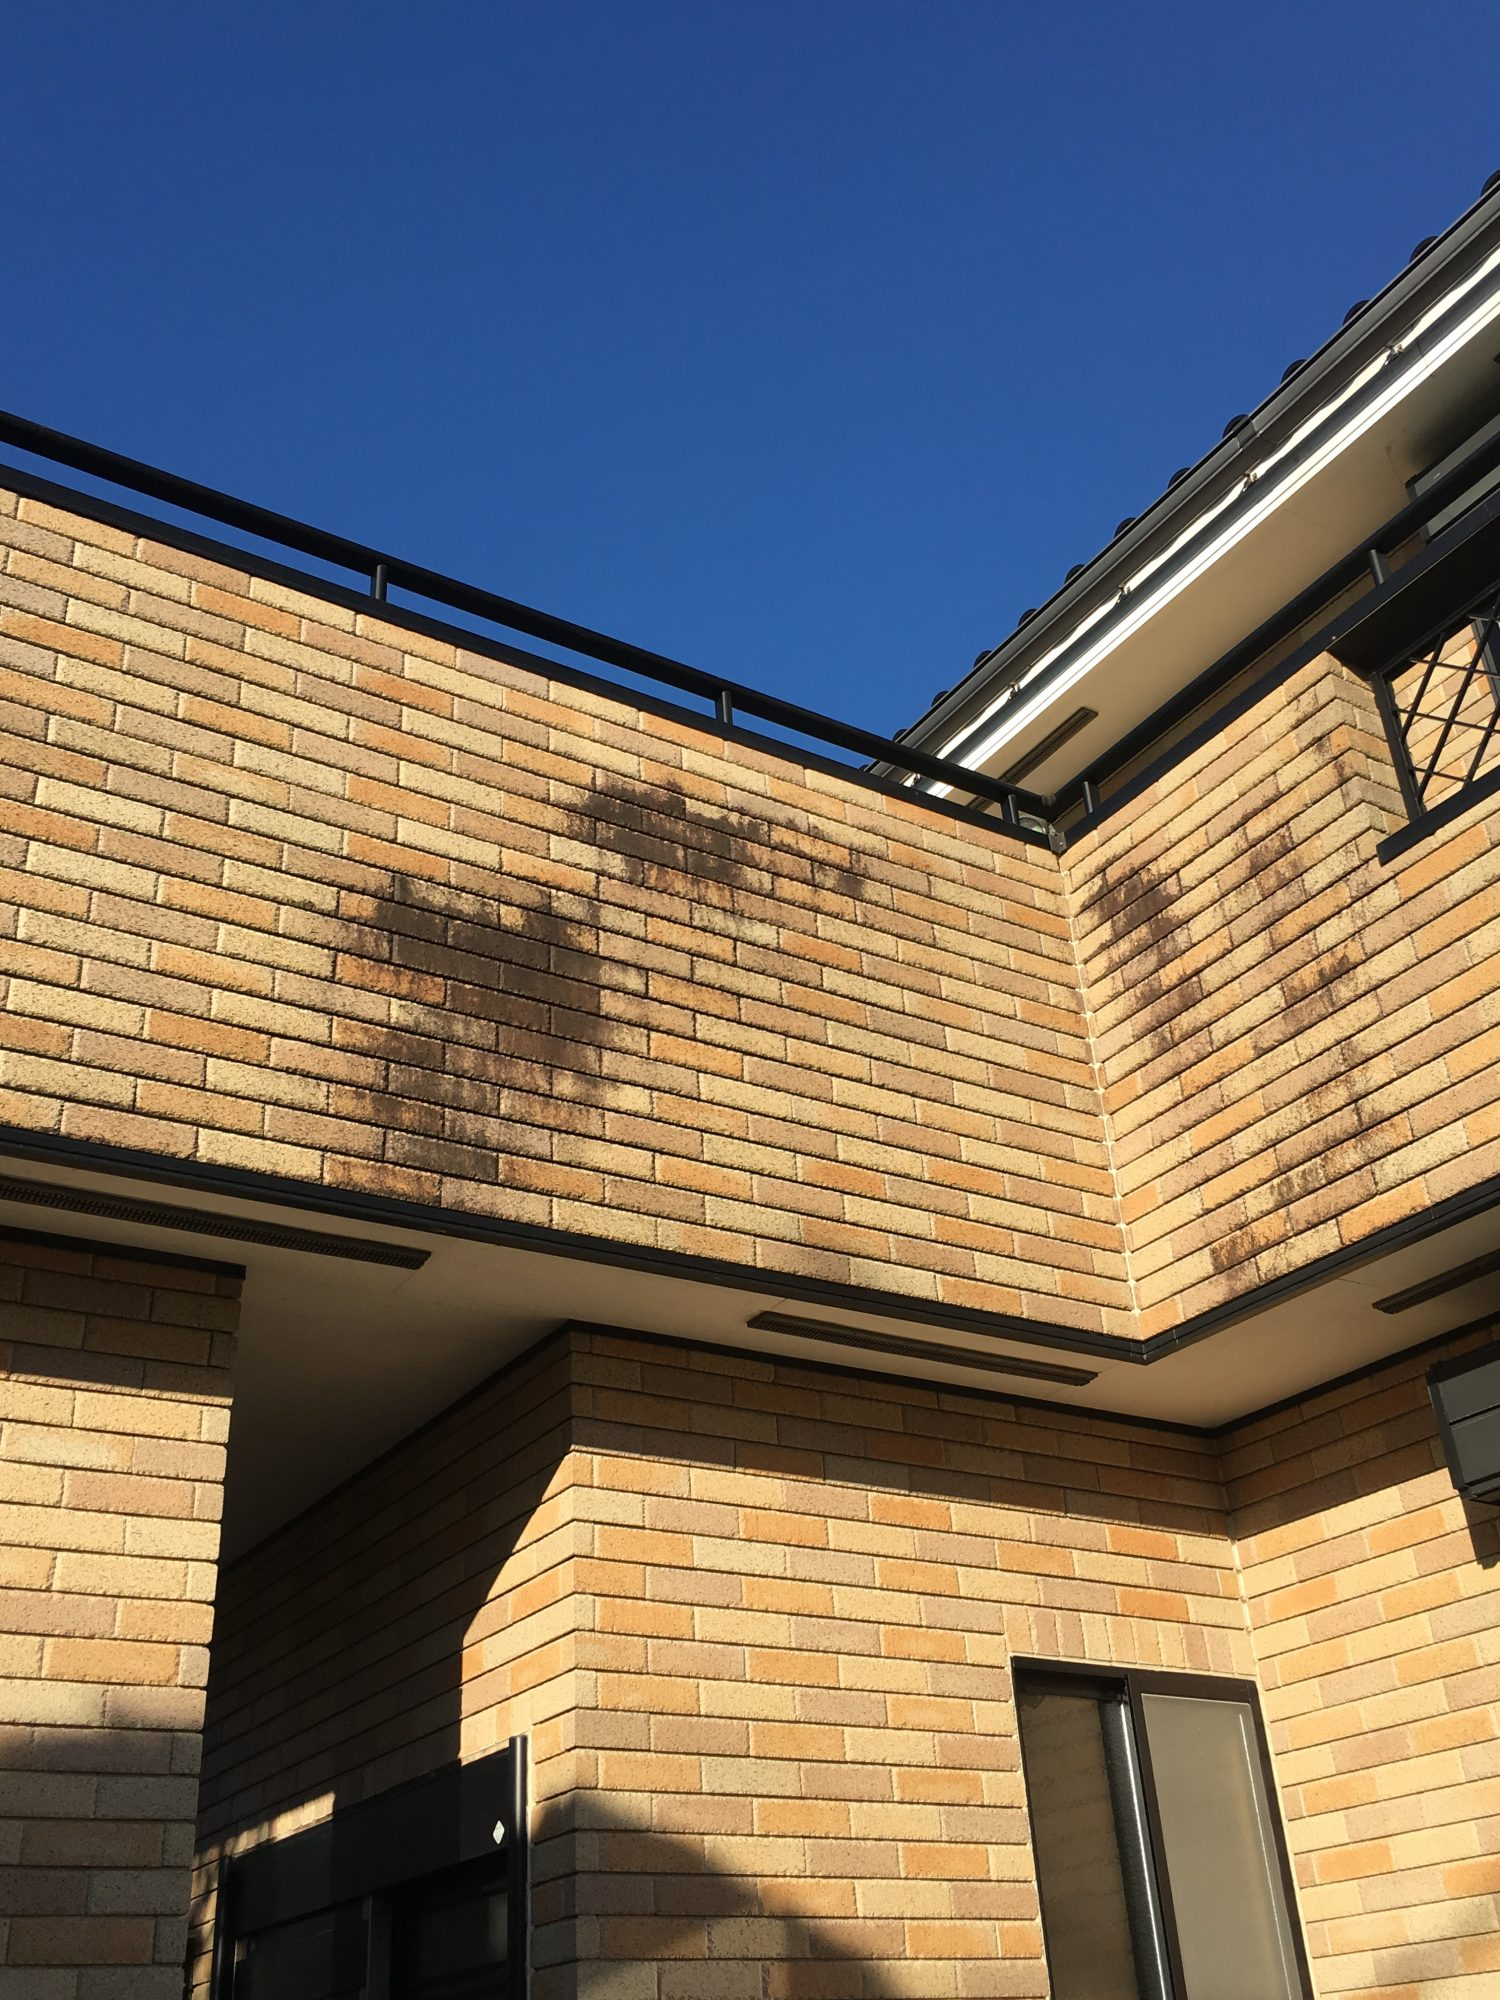 長生郡長生村S様邸外壁洗浄、塗装工事 Before